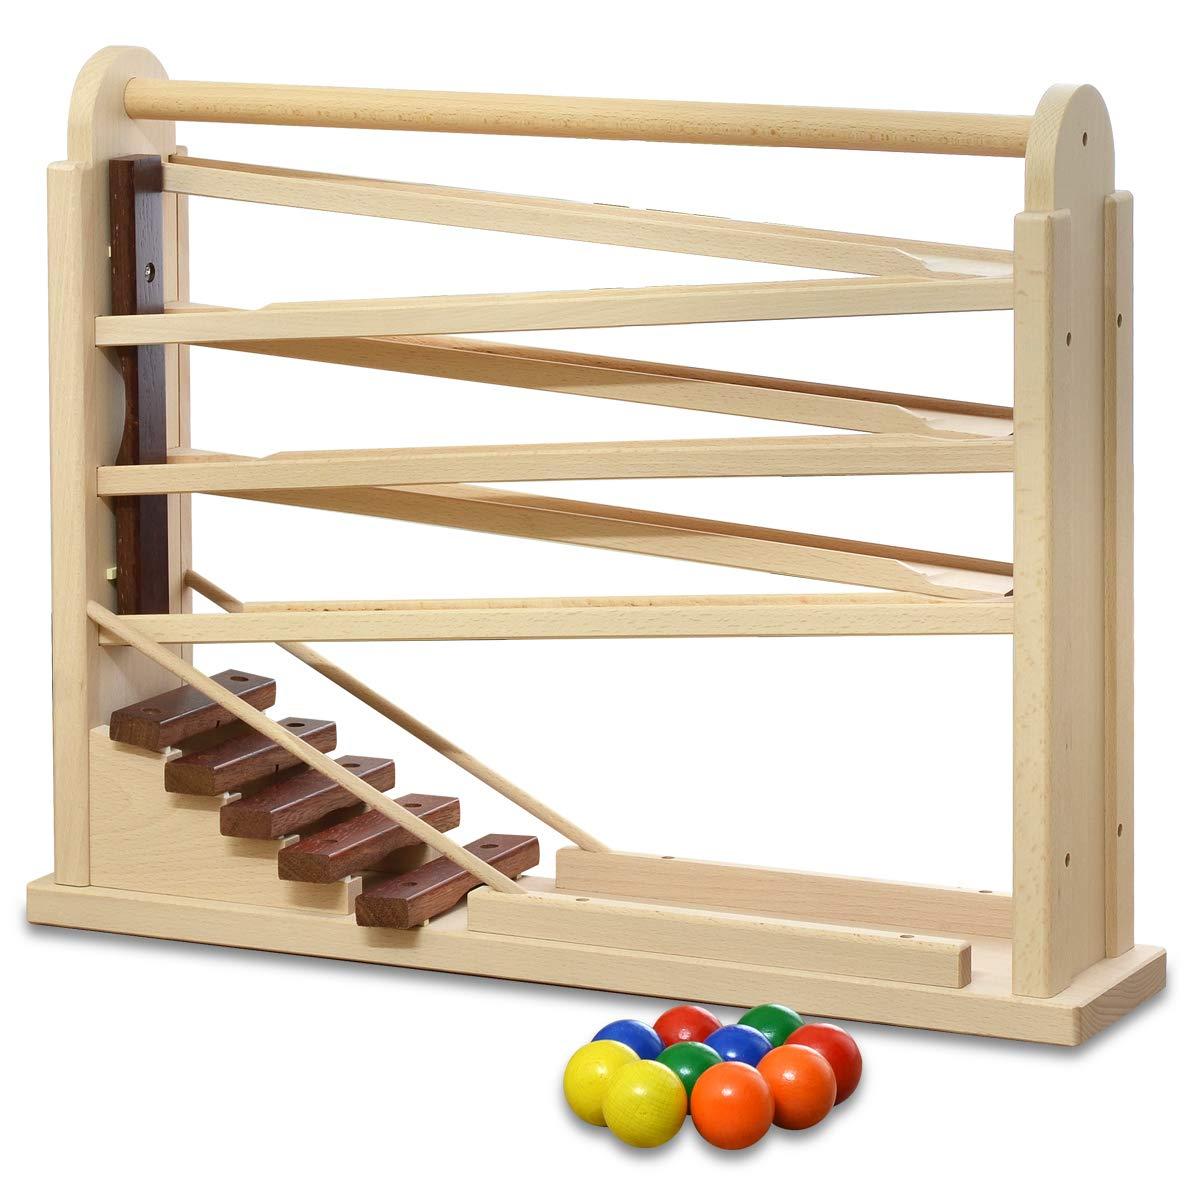 【日本製】 コロコロシロホン 木製 木琴 ボール10個付 天然木 木のおもちゃ 知育玩具 国産 男の子 女の子 幼児 子供 ナチュラル B07LGR5R59, 買付道-JJブランド専科- 2fa041c1